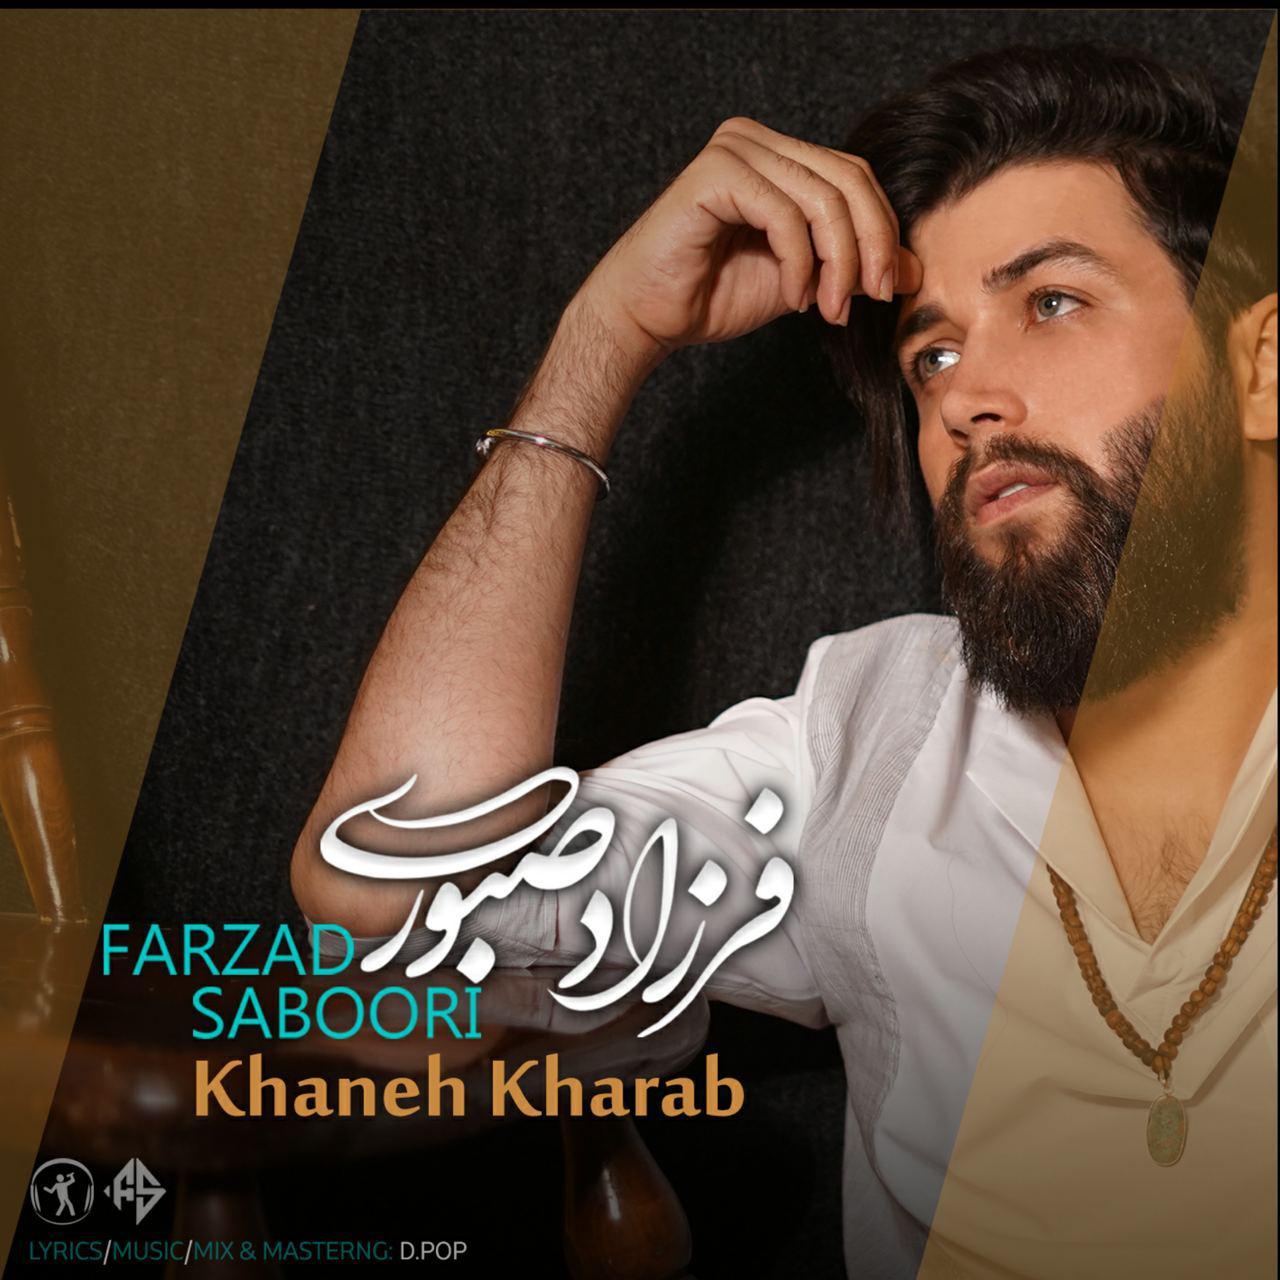 Farzad Saboori – Khane Kharab